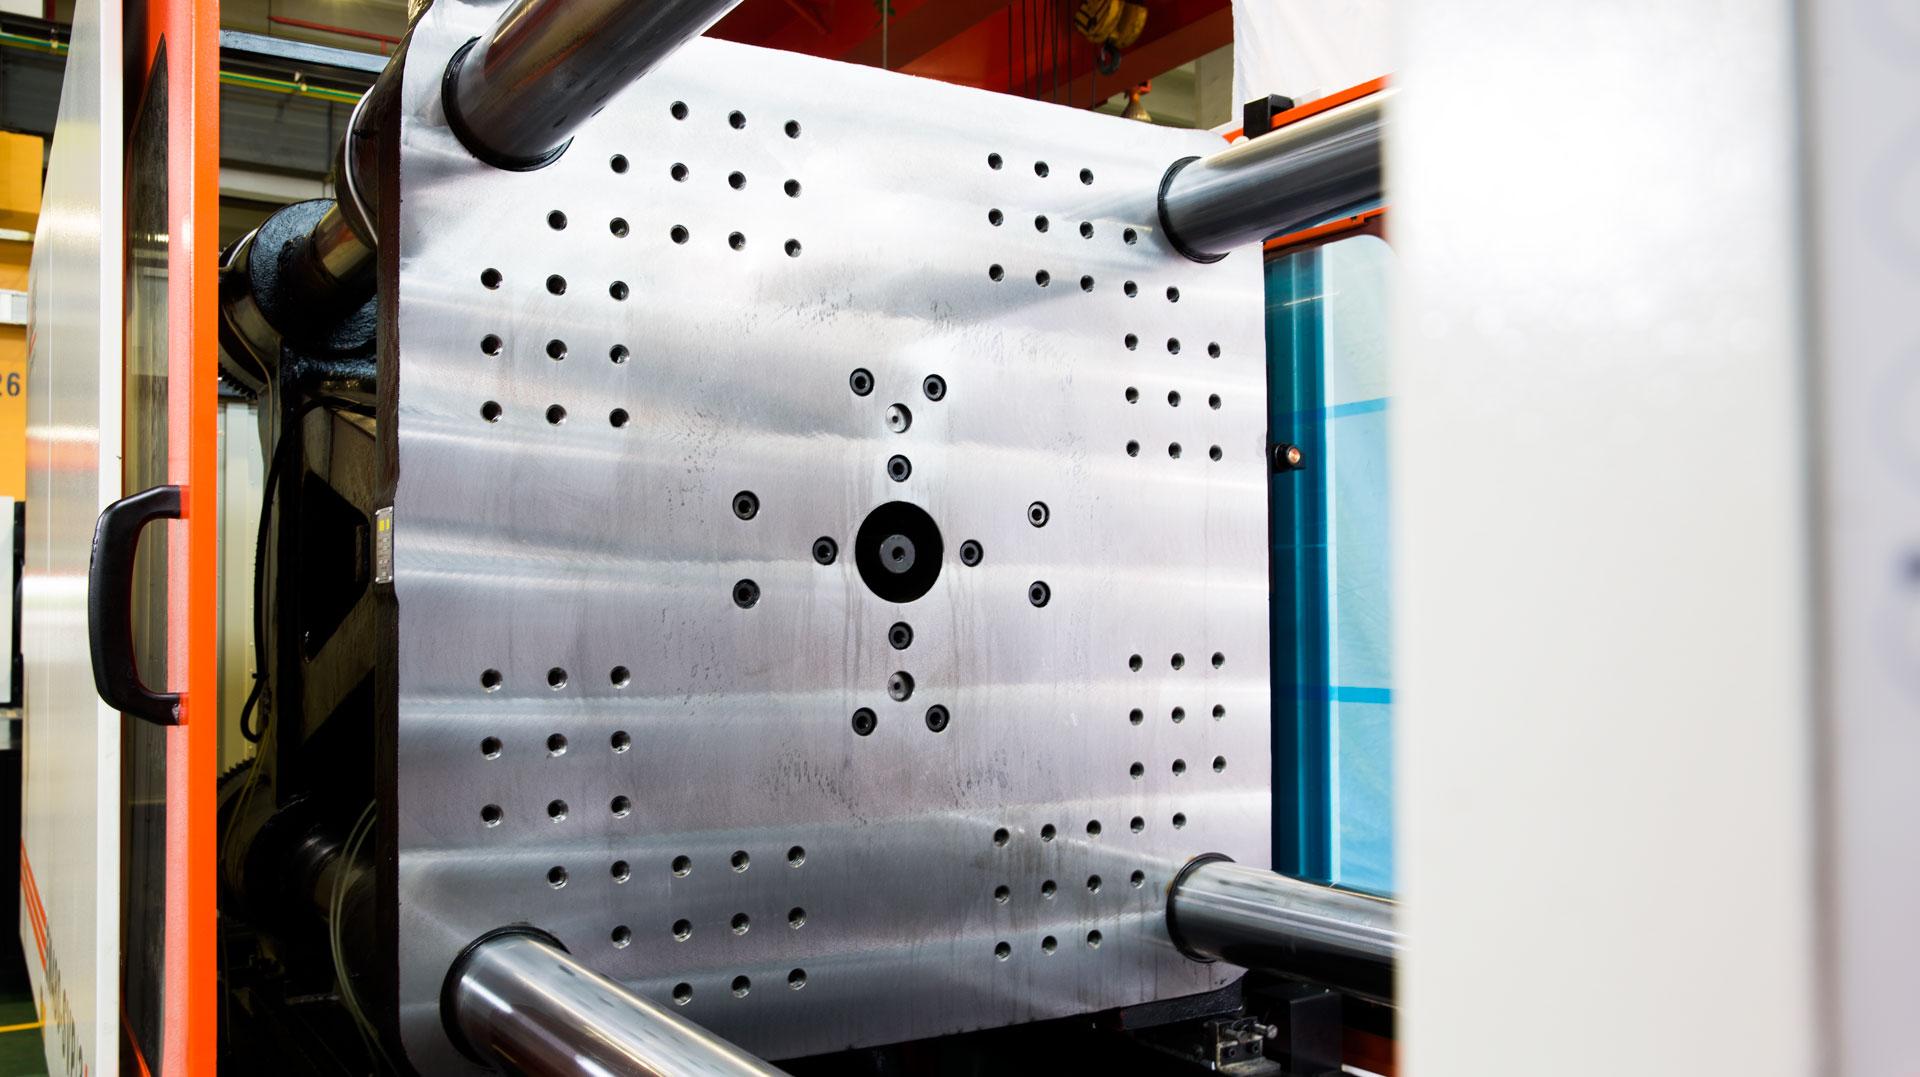 震雄节能注塑机SVP/3+系列,模板厚度再升级